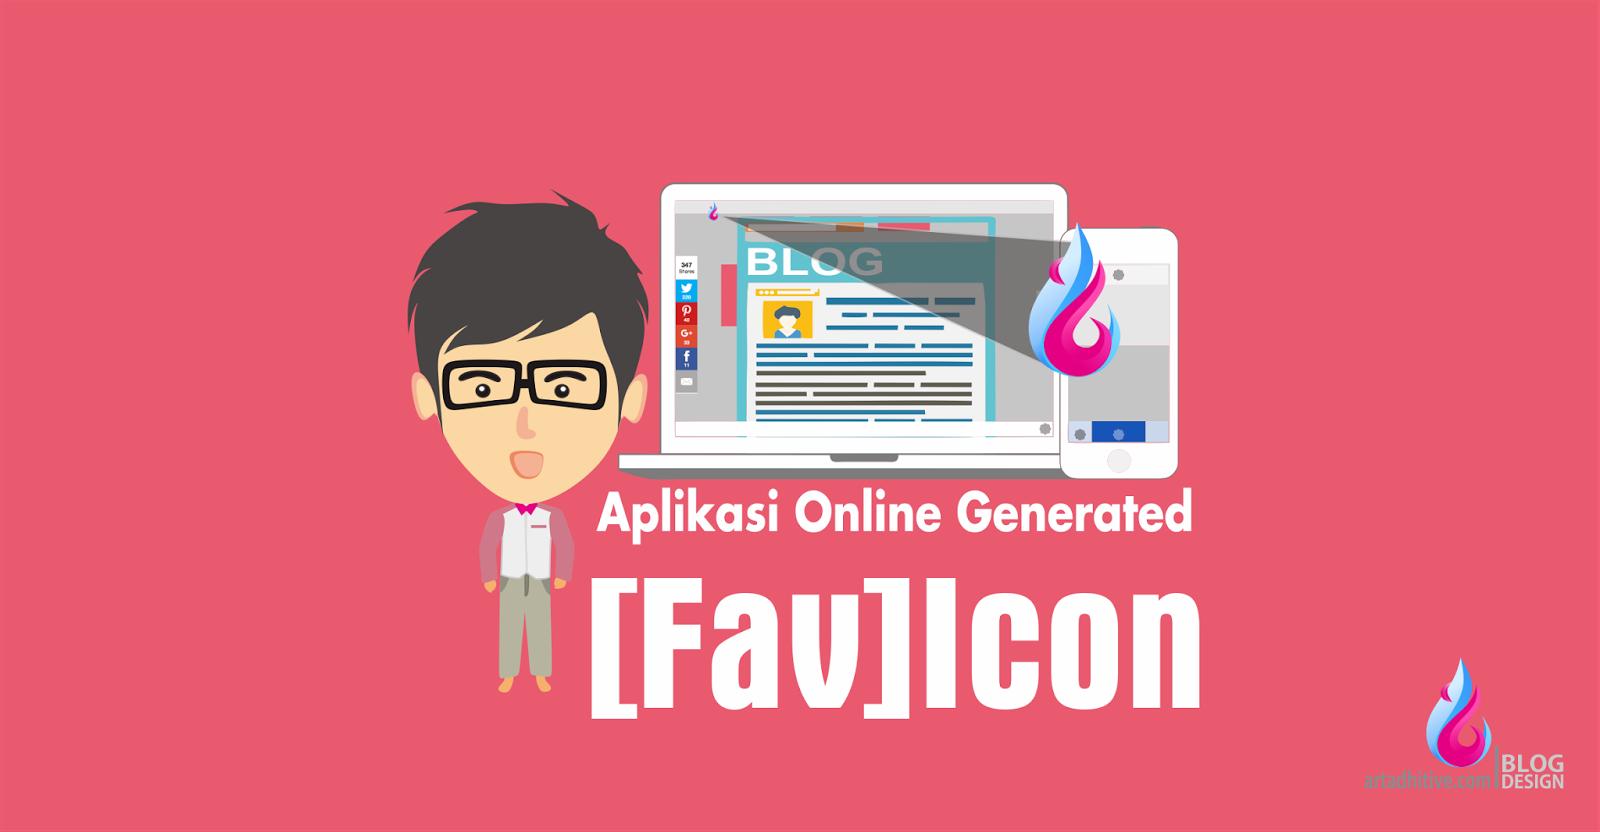 Aplikasi Online Favicon